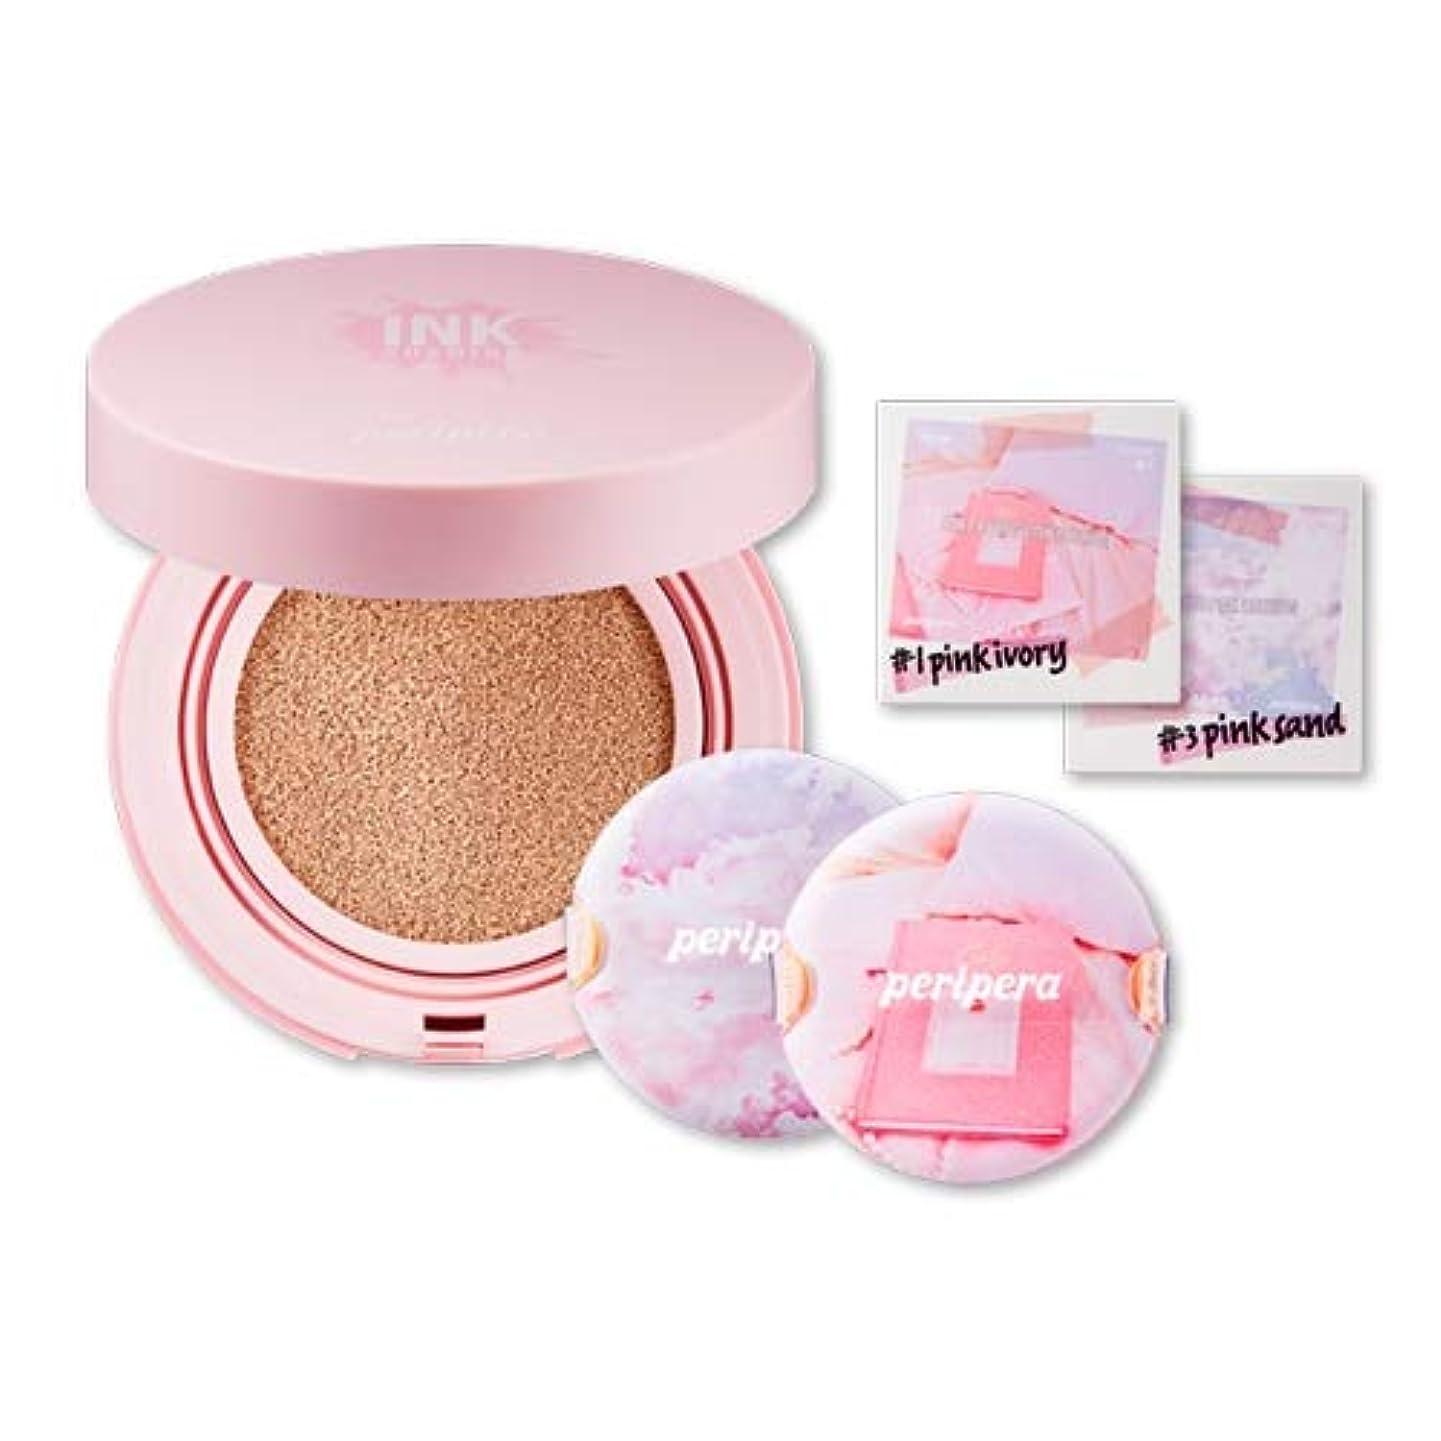 懸念る驚いたPeripera ペリペラ [ピンクの瞬間] インクラスティング ピンク クッション [Pink-Moment] Inklasting Pink Cushion (#3 Pink Sand) [並行輸入品]